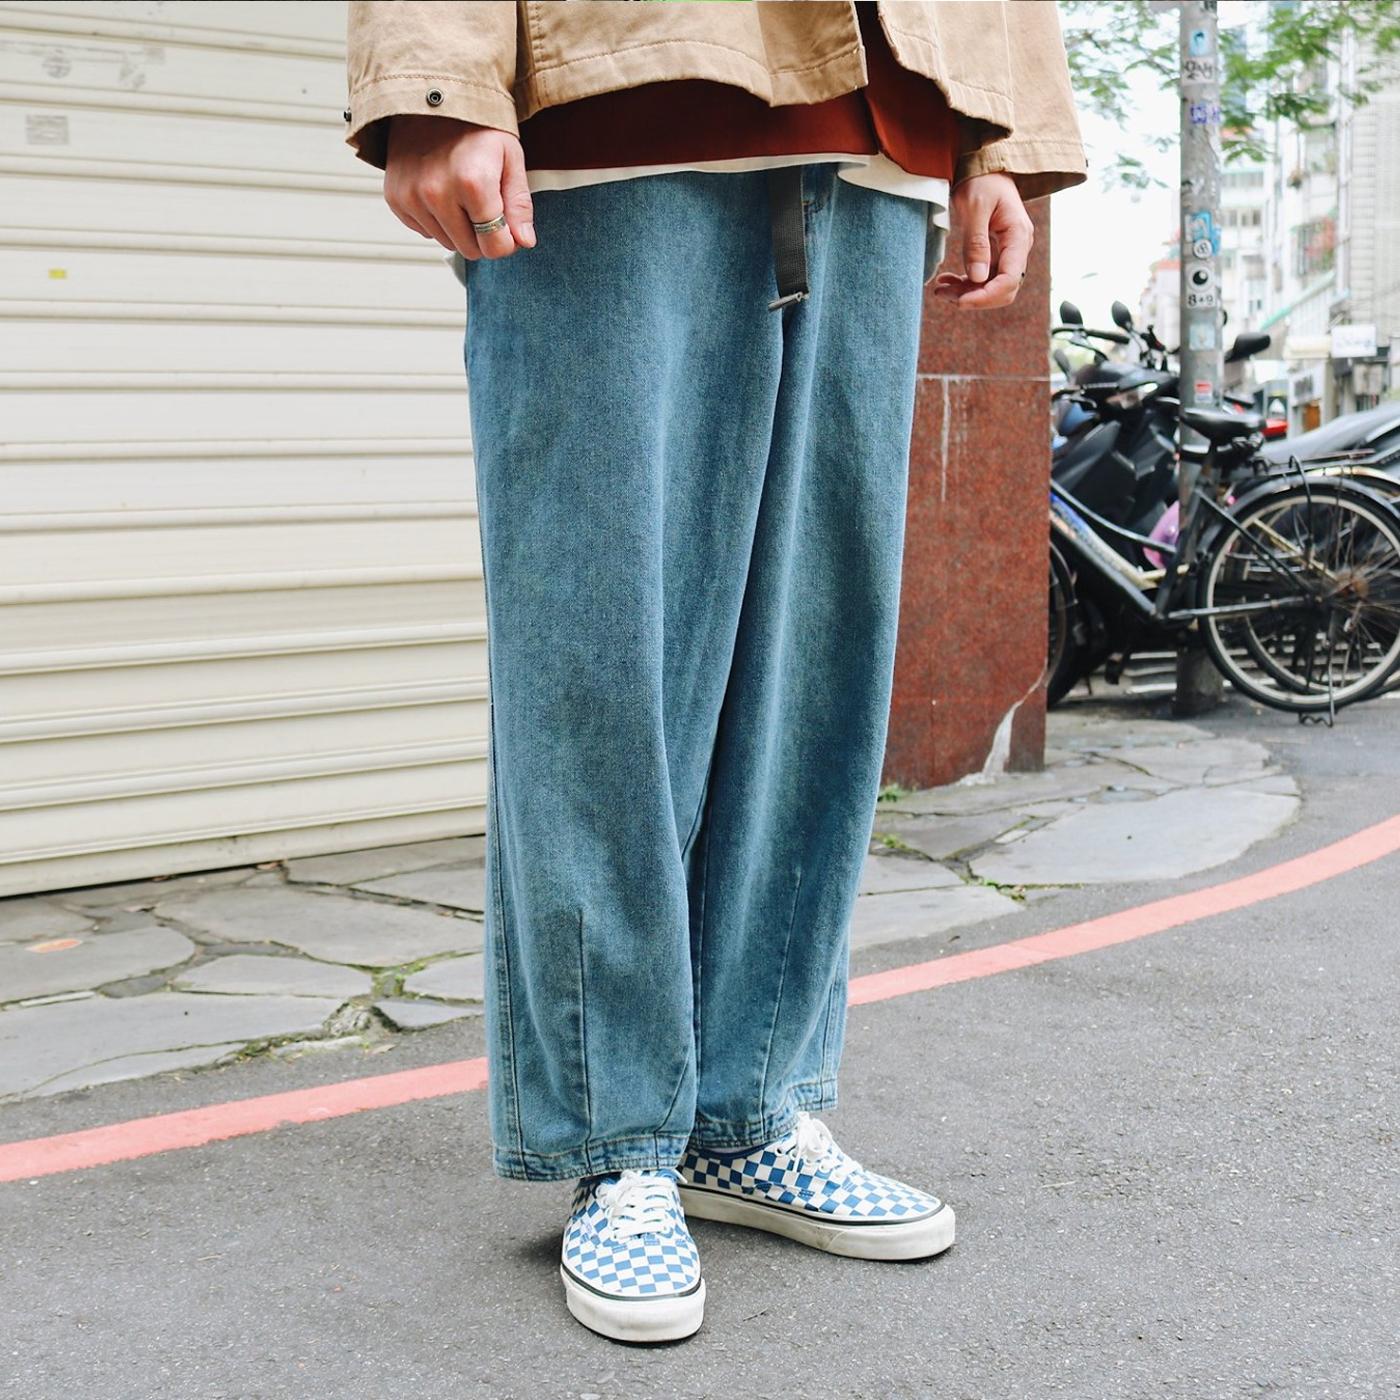 繭型褲,氣球褲,錐形褲,繭型褲穿搭,氣球褲穿搭,寬褲,寬褲穿搭